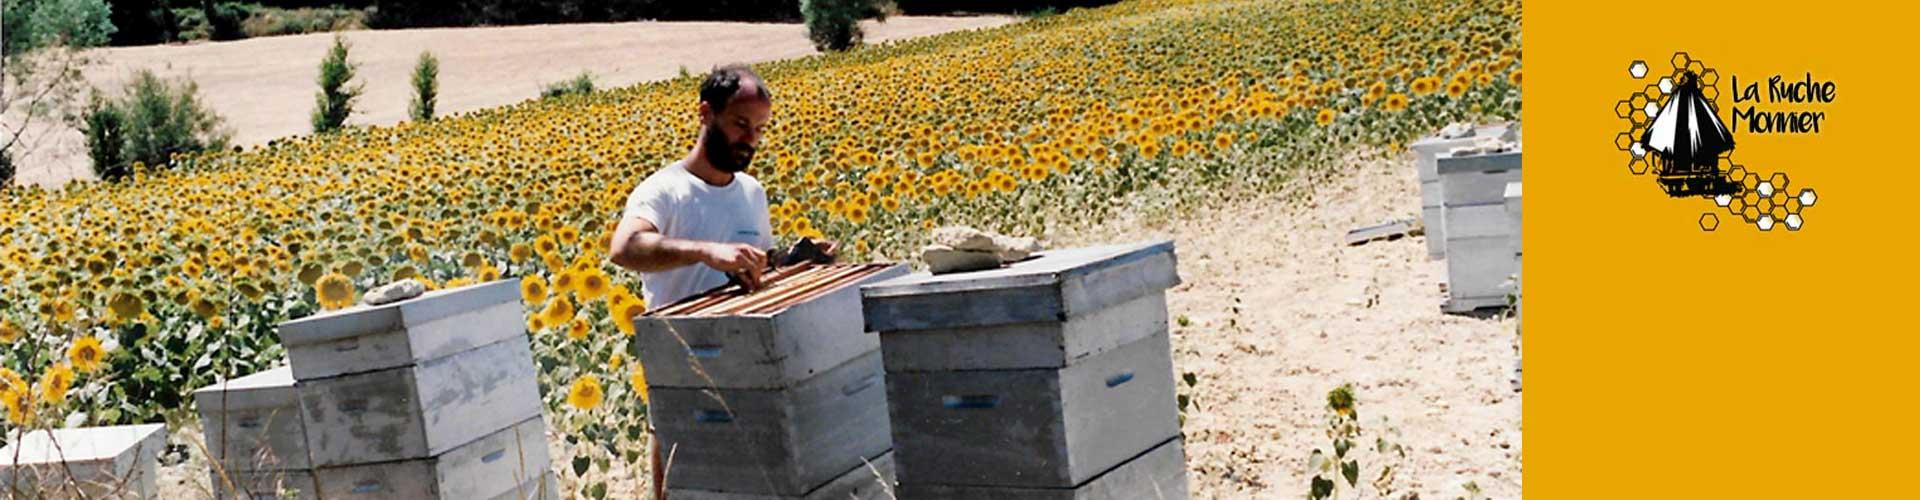 La Ruche Monnier, miels et produits de la ruche dans l'Hérault